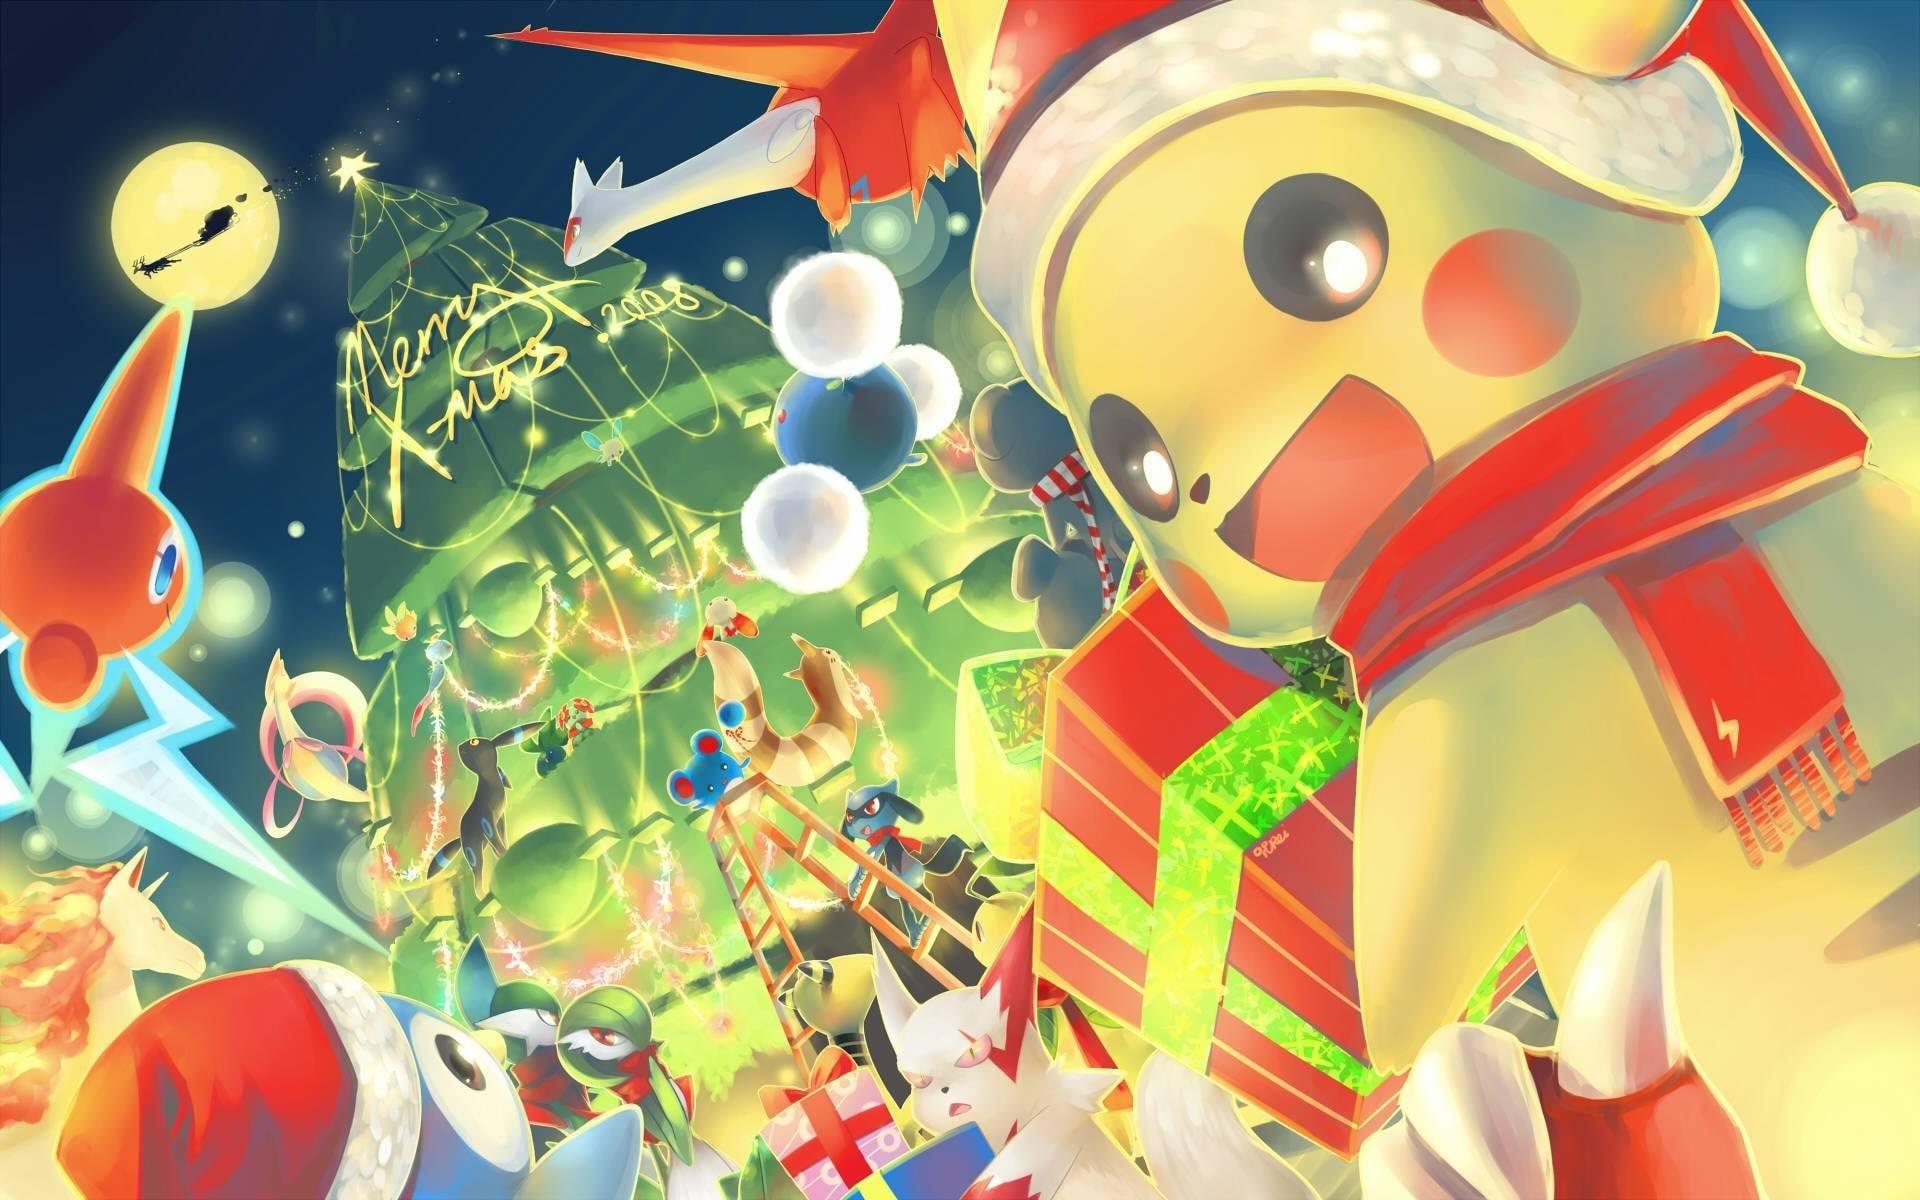 Pokemon GO : 3 nouveaux Pokemon à Noel + 1 nouveau Pikachu 6 + 3 shiny